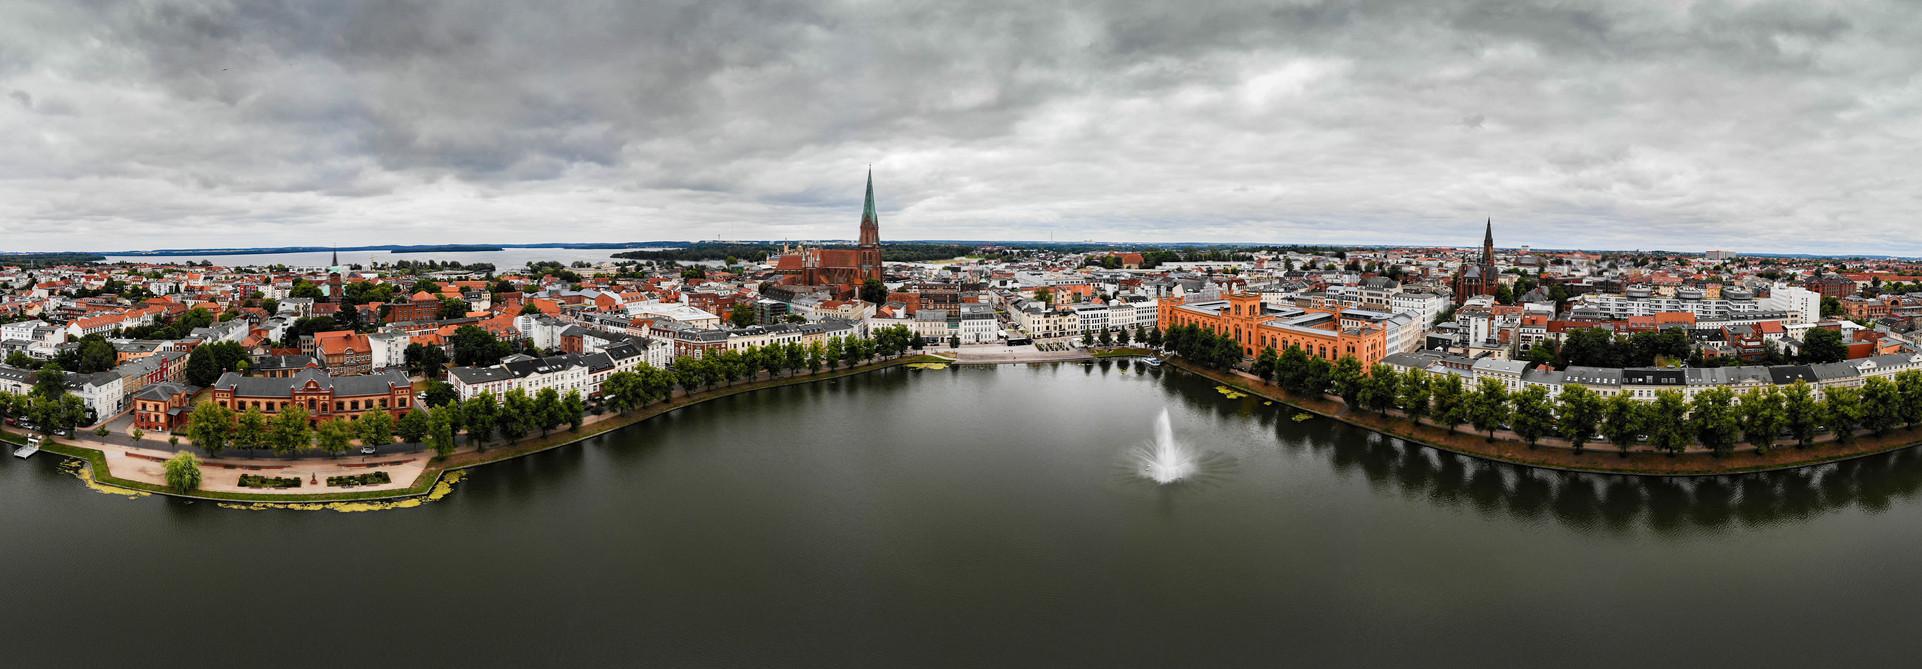 Pfaffenreich Schwerin